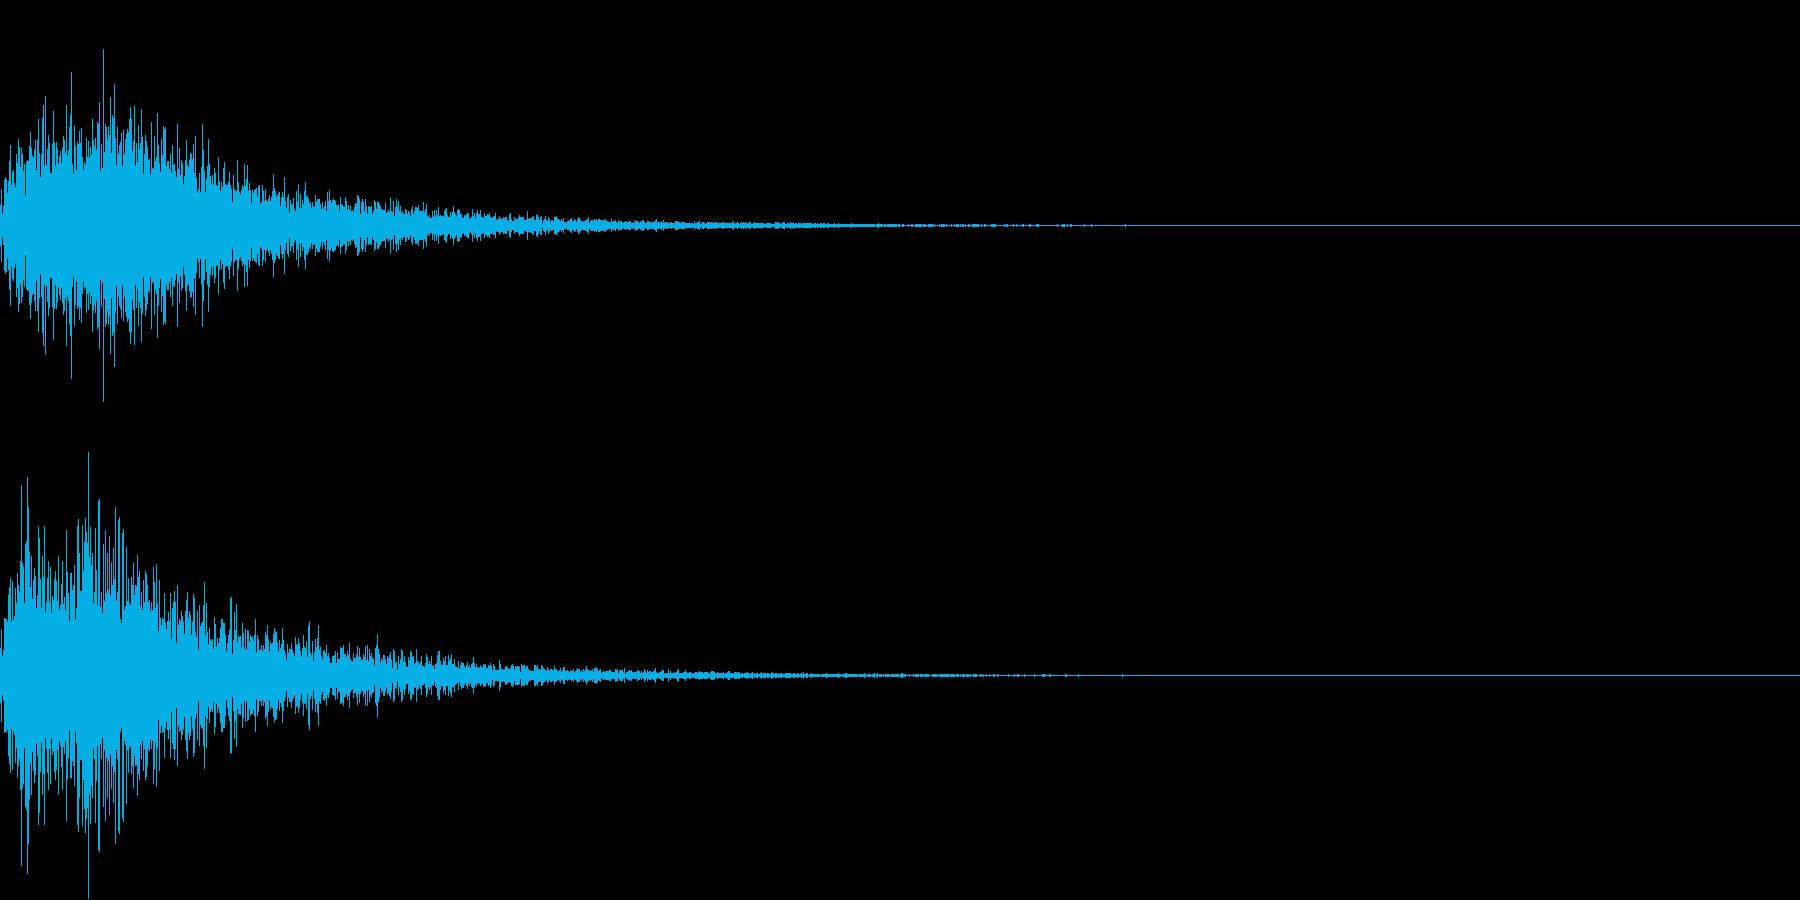 カカン!和風な歌舞伎の床音(附け木)02の再生済みの波形